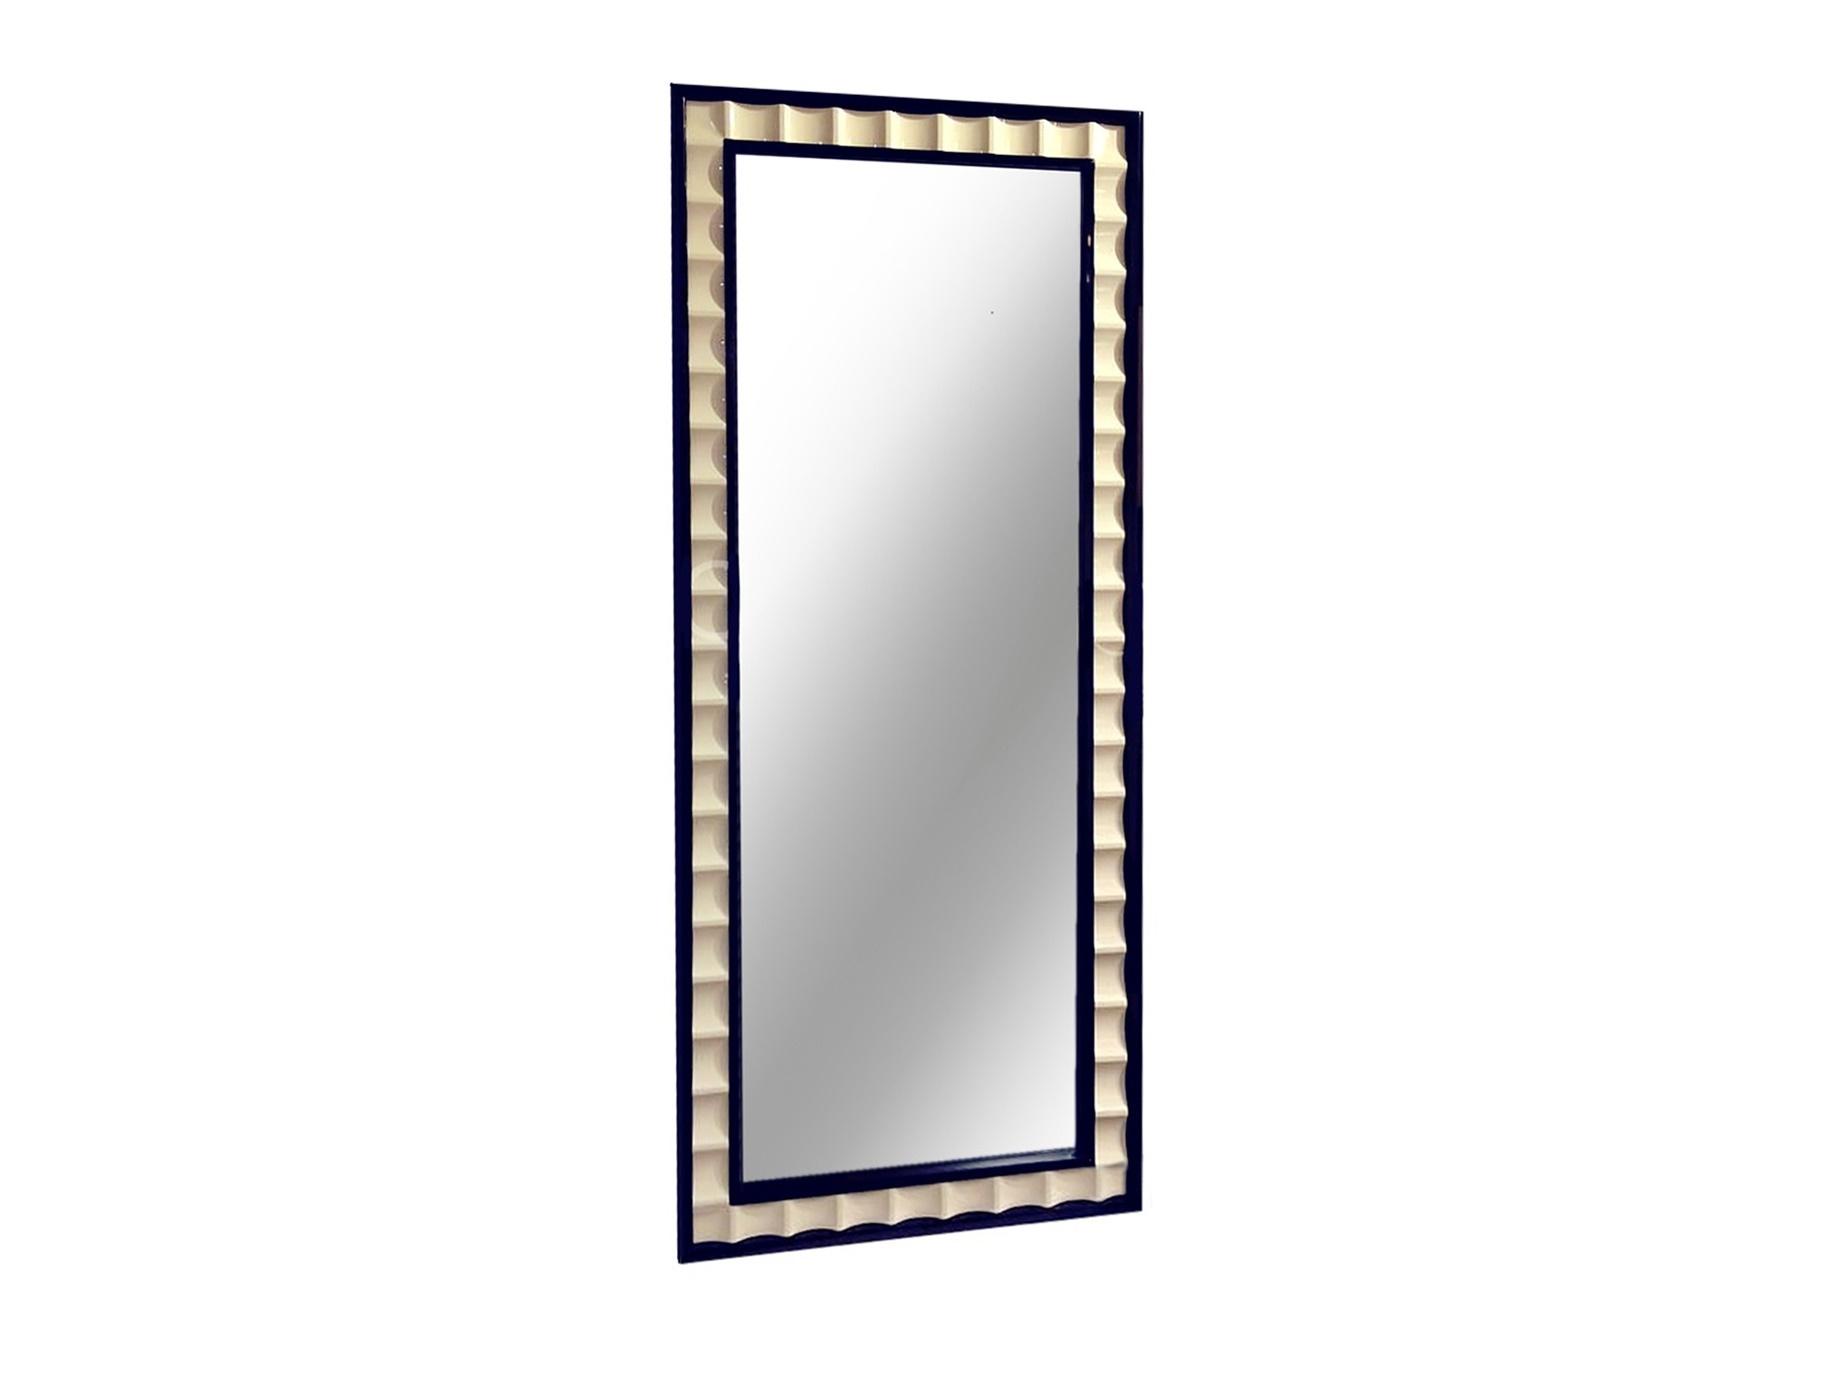 Зеркало PRATOНапольные зеркала<br>Зеркало прямоугольной формы выполнено в стиле Ар деко.<br><br>Material: Дерево<br>Width см: 80<br>Depth см: 4,5<br>Height см: 187